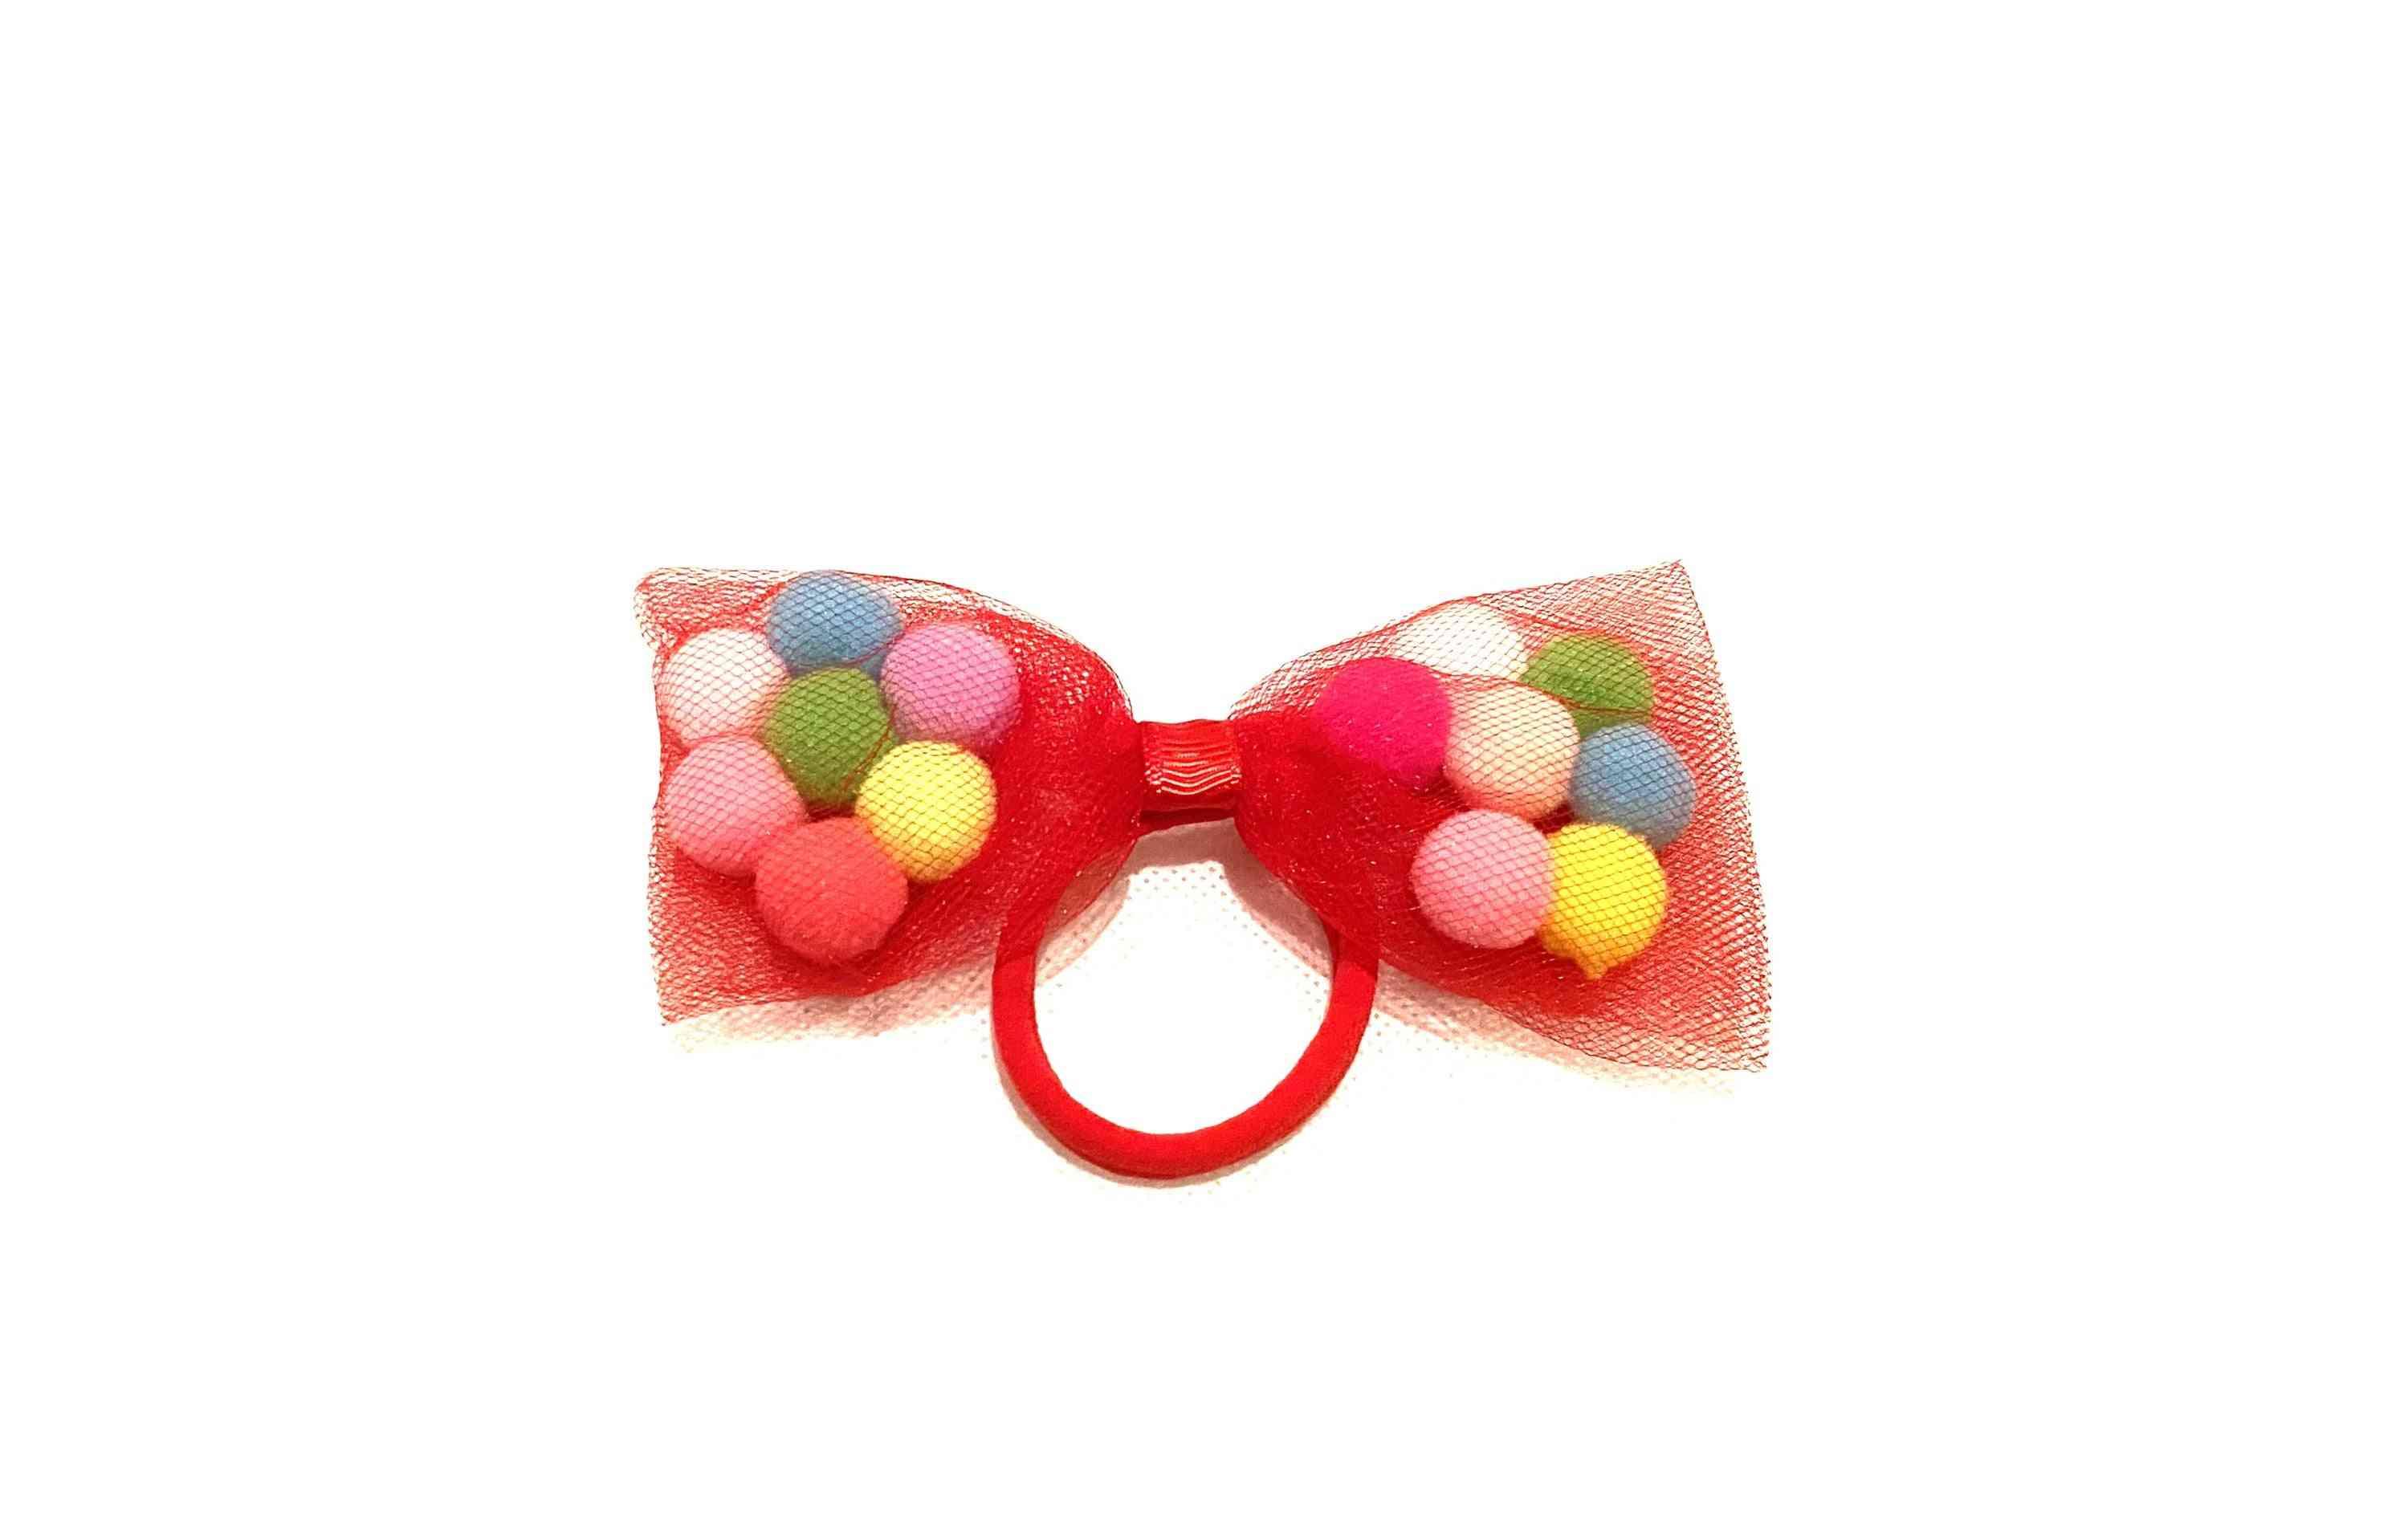 Red Bow Pom Pom Hair Ties | 4